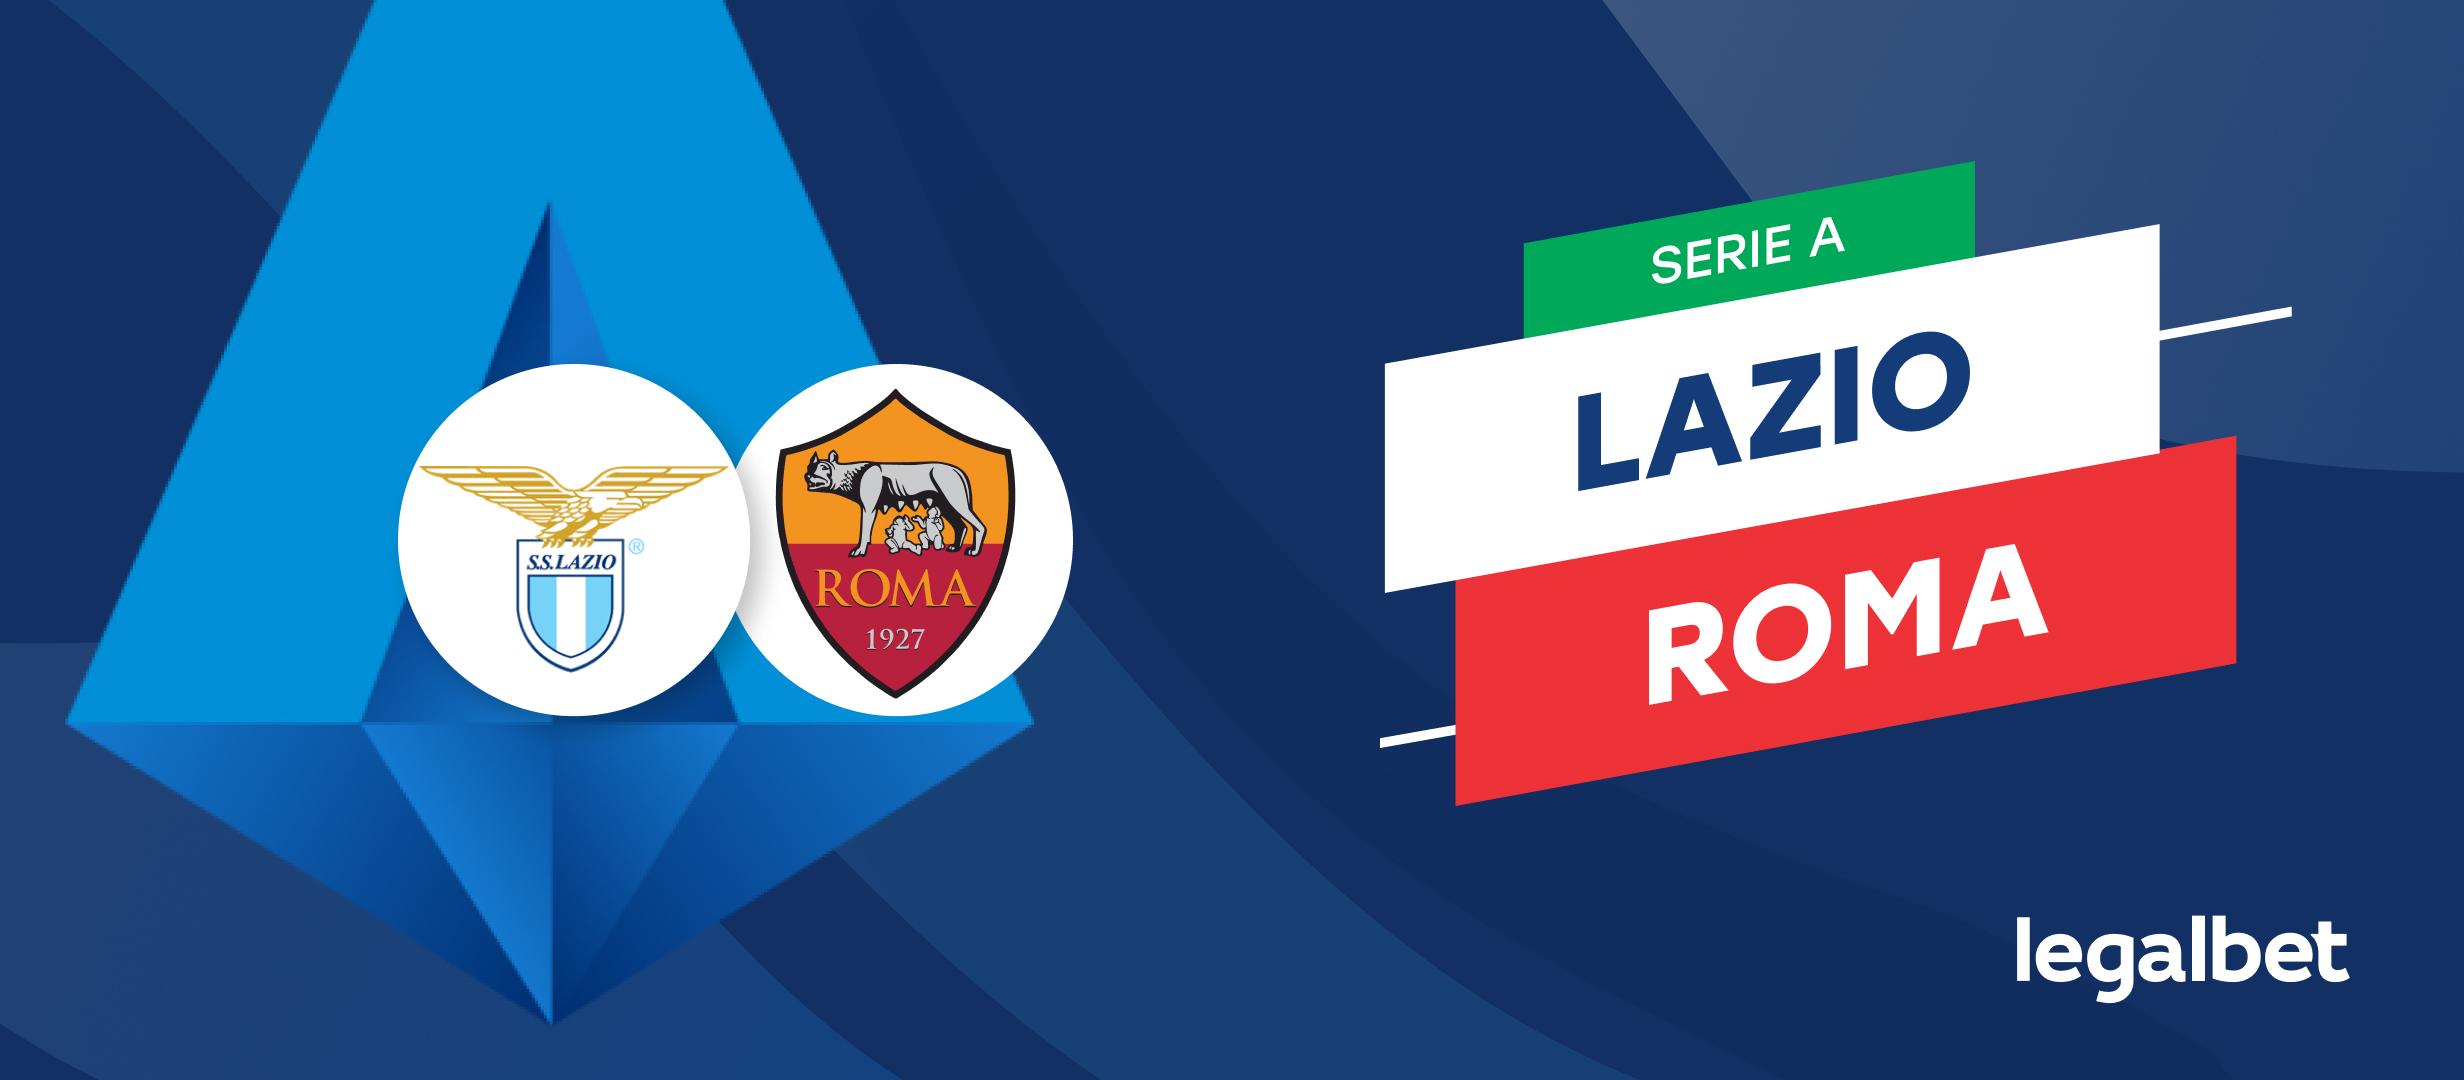 Apuestas Lazio - Roma, Serie A 2021/22